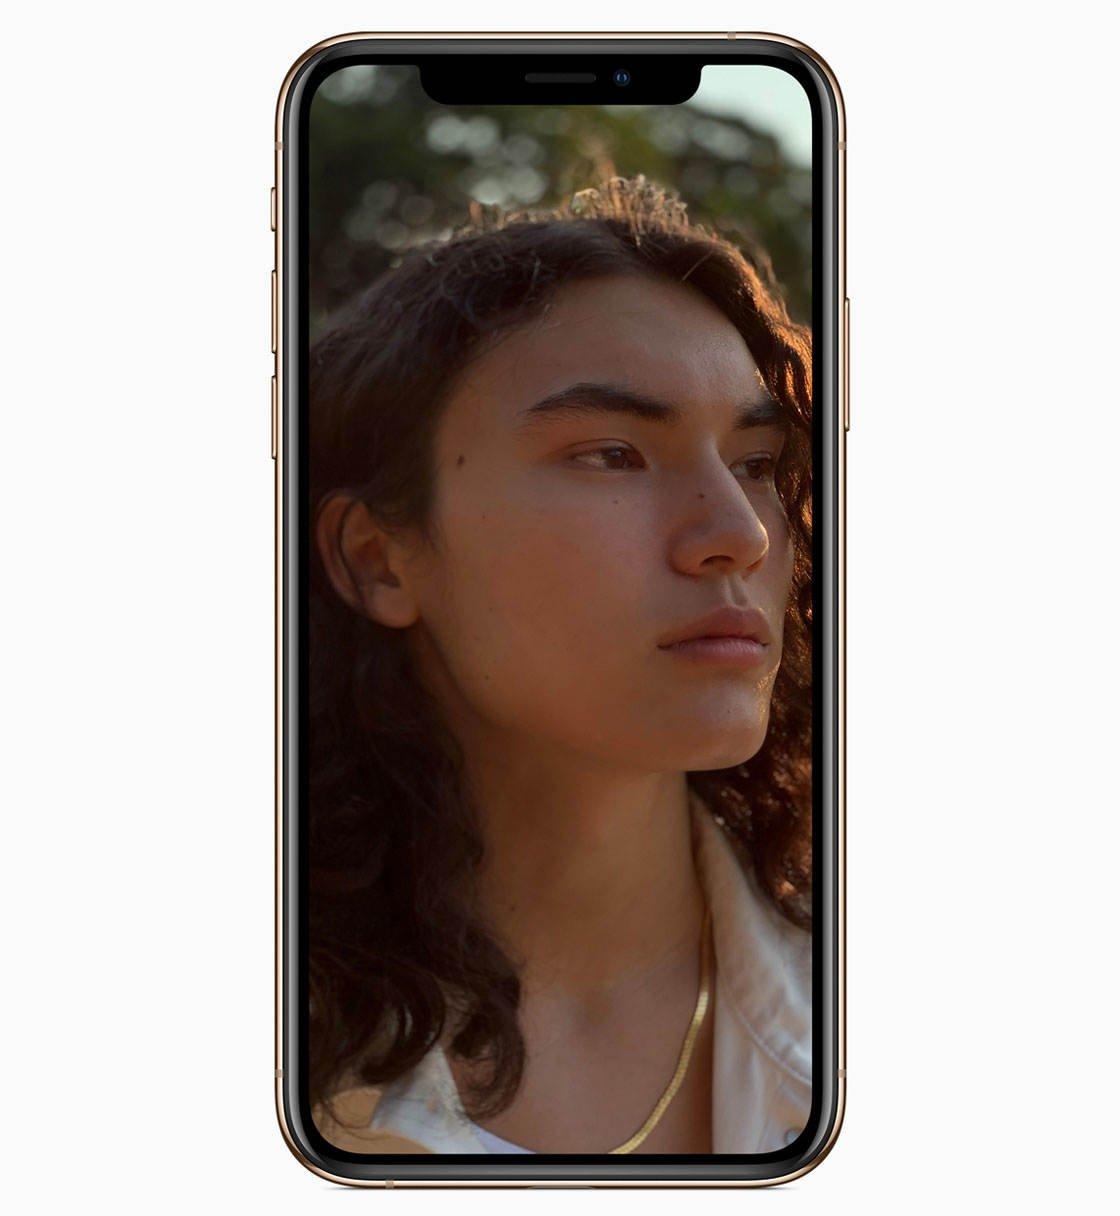 Iphone xs camera 10 no script